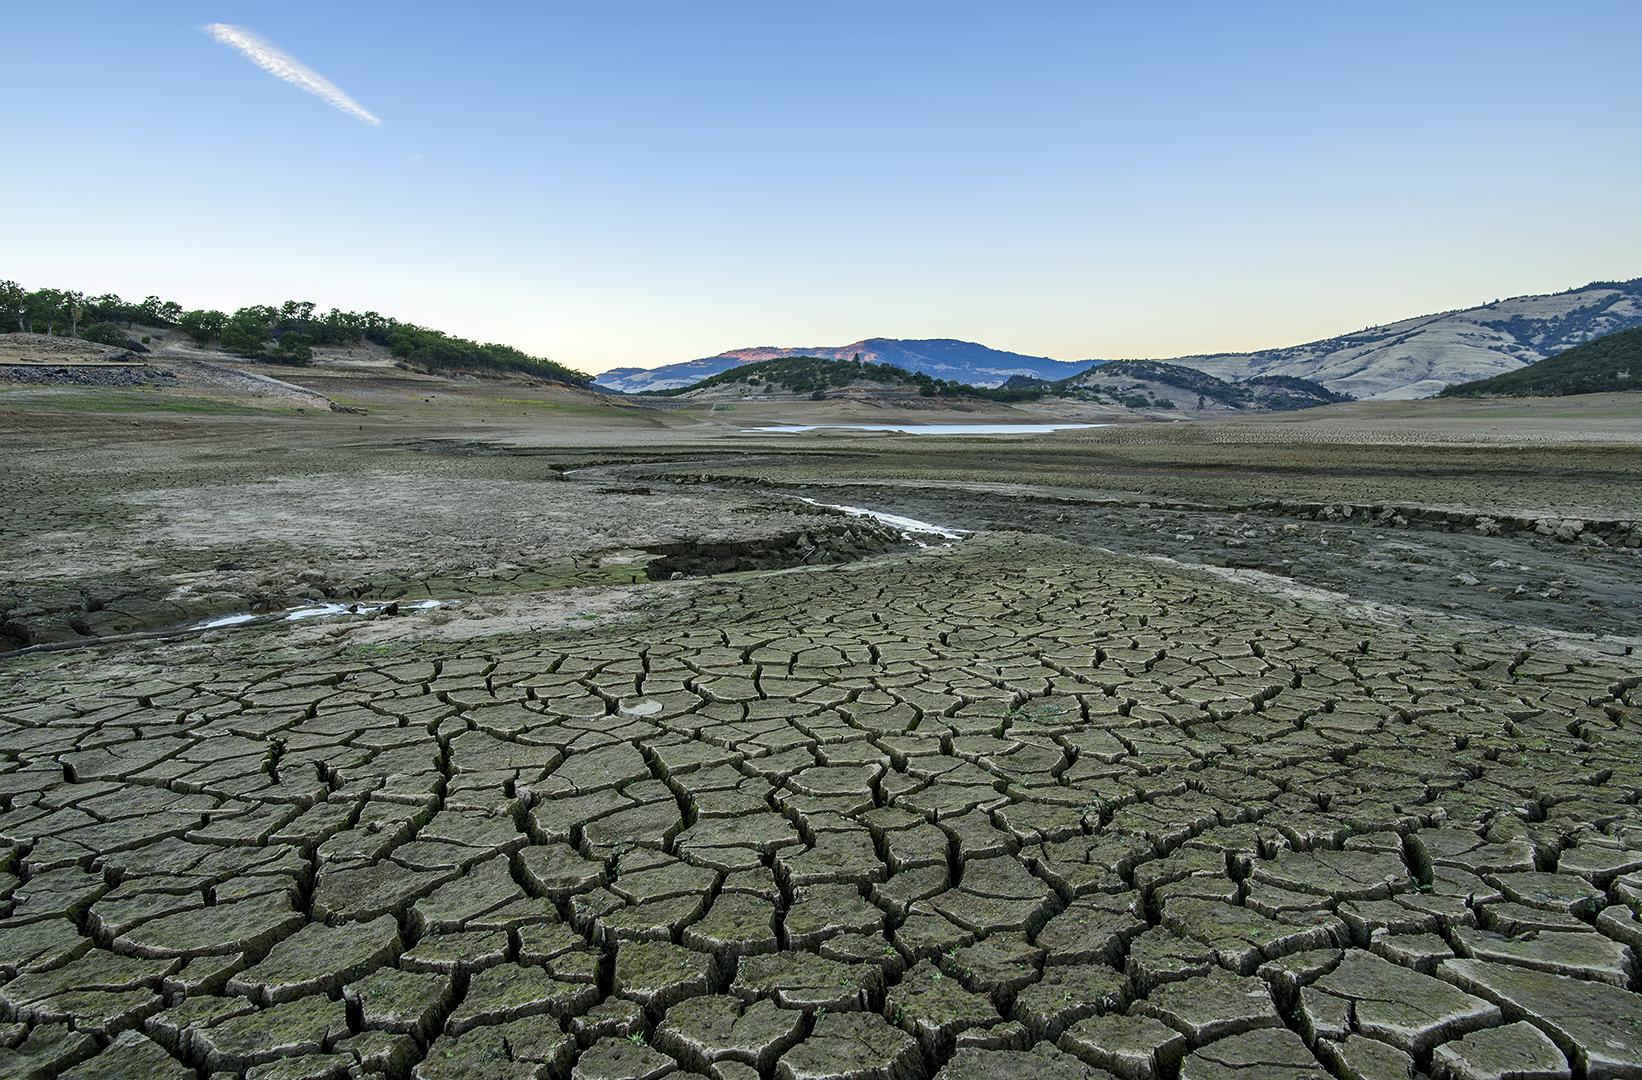 Emigrant Lake bed dry ashland oregon